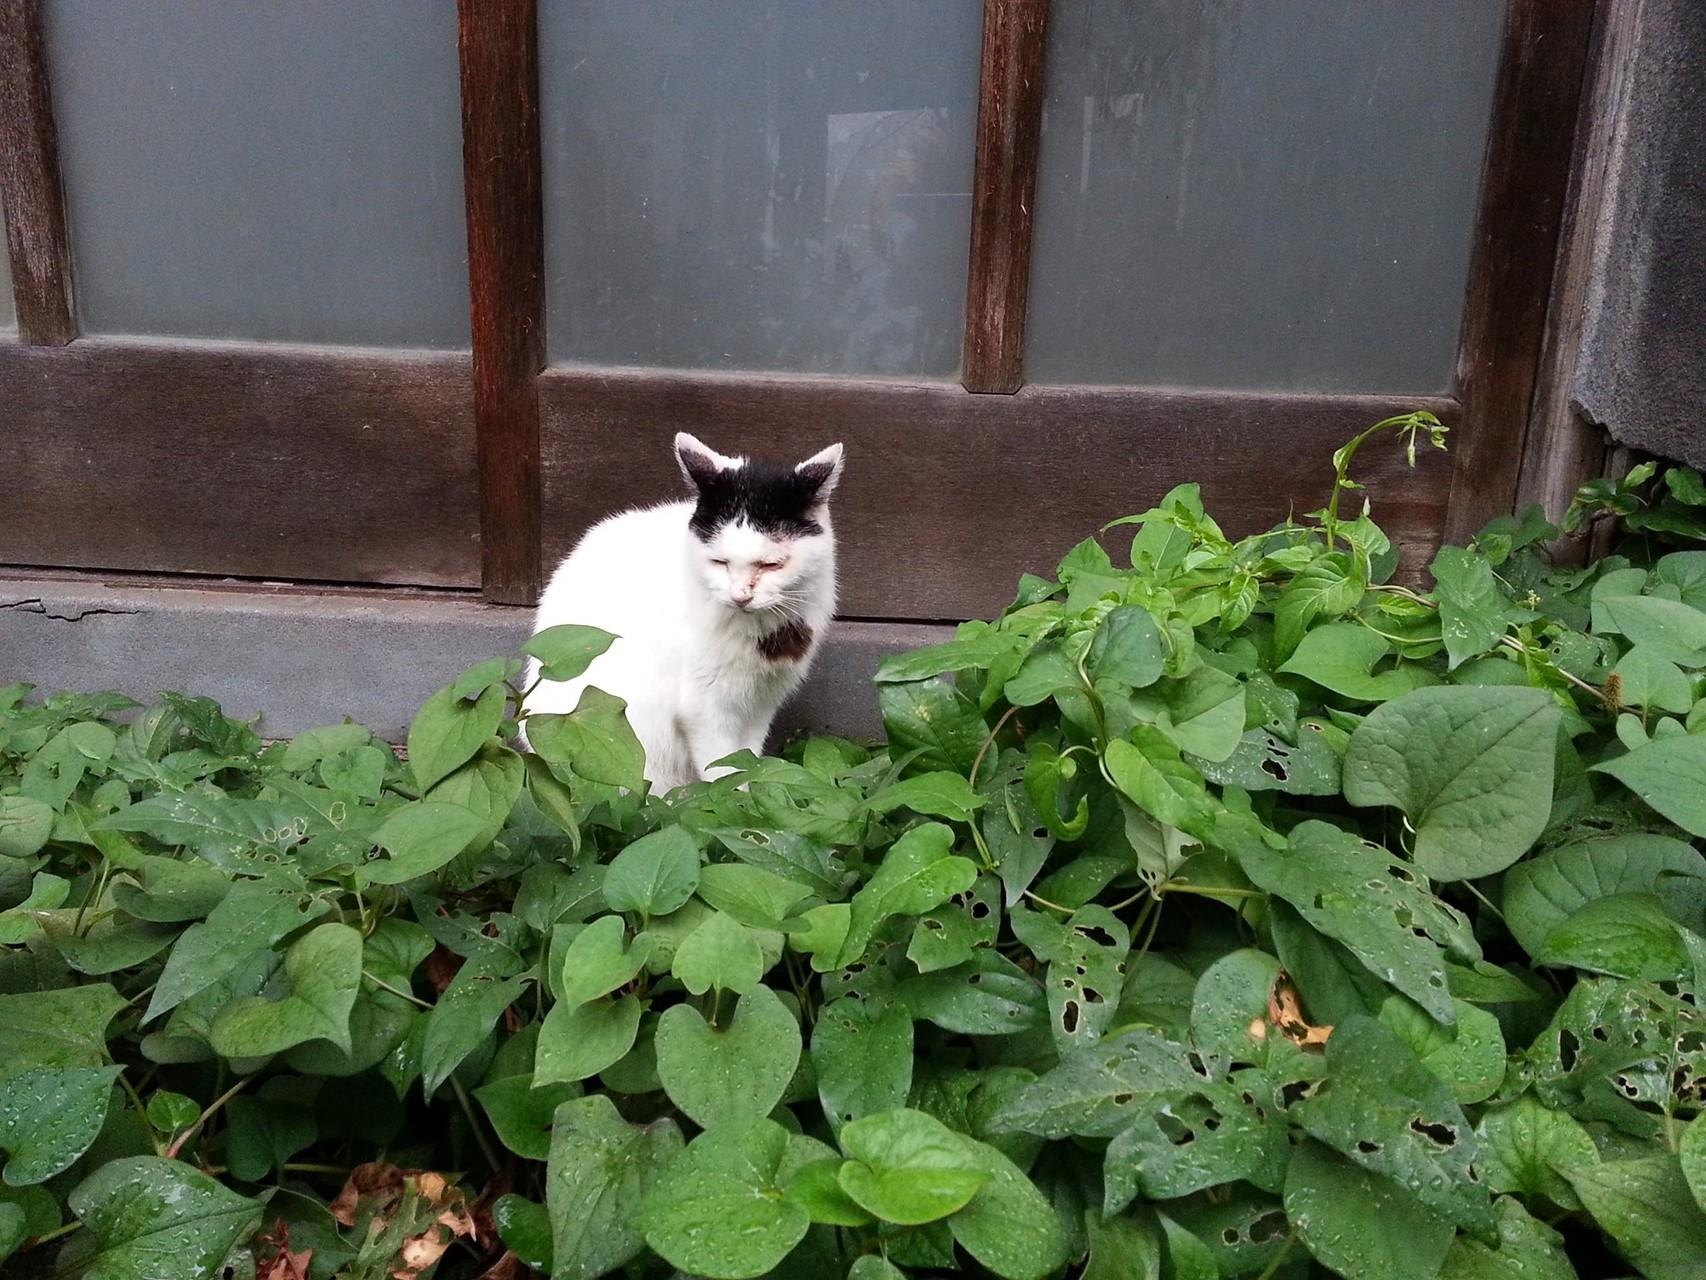 雨が降っとるとです。門番もせにゃ、ならんとです。ぬこ田です、ぬこ田です、ぬこ田です...。 【2014年8月14日】